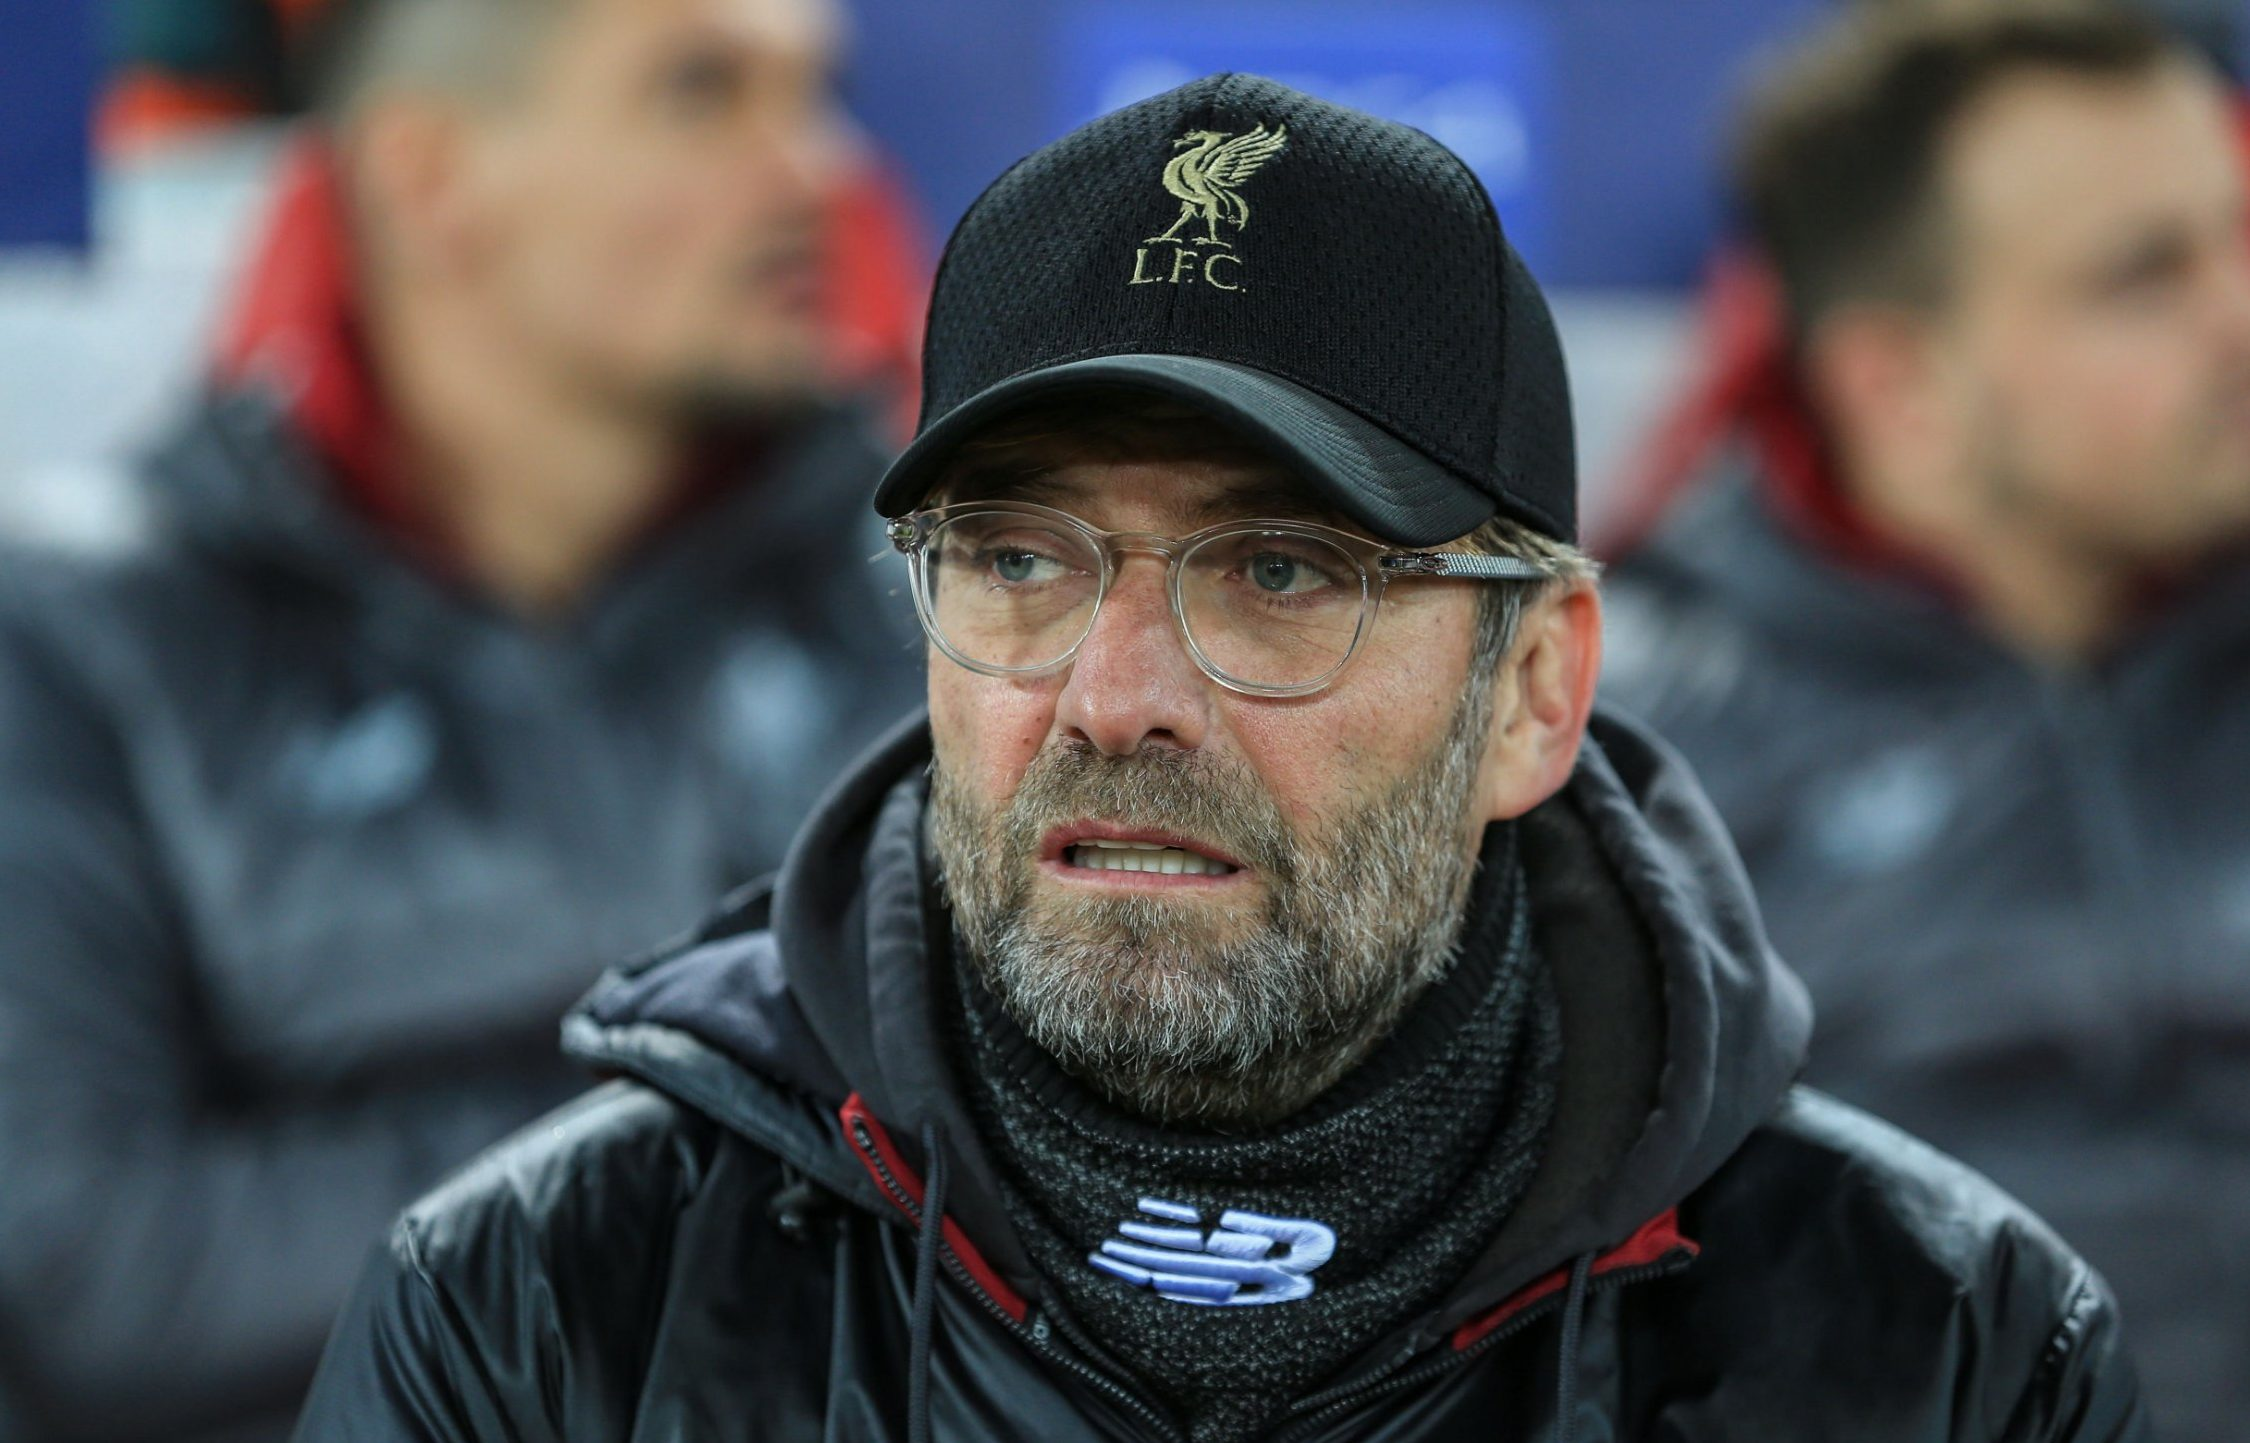 Liverpool suffer injury blows to Trent Alexander-Arnold and Georginio Wijnaldum